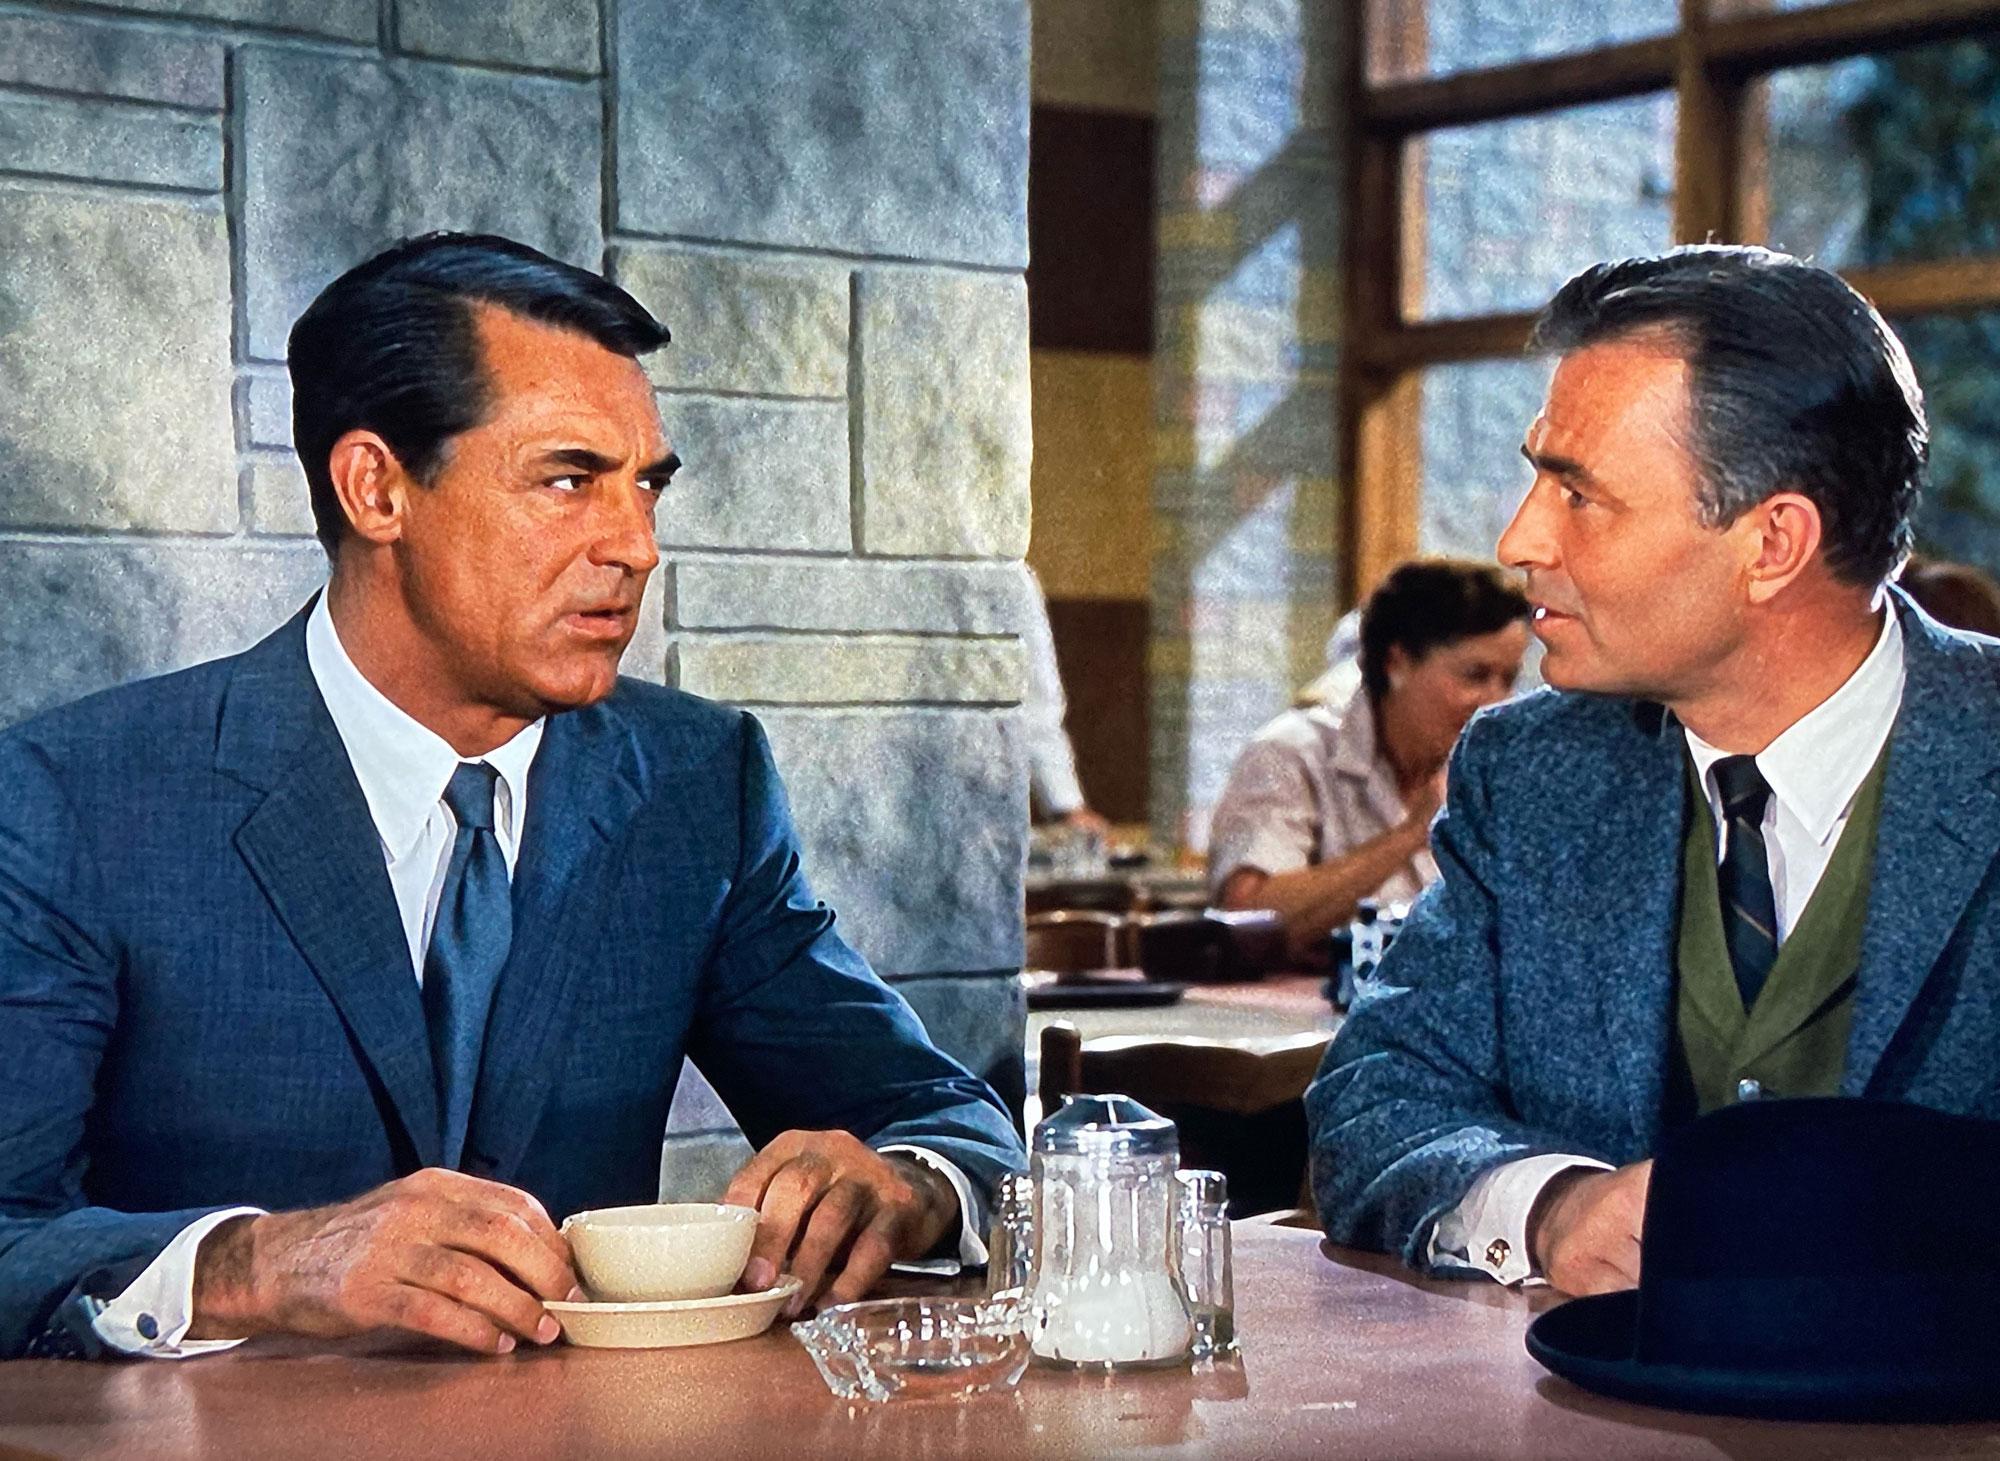 Cary Grant & James Mason